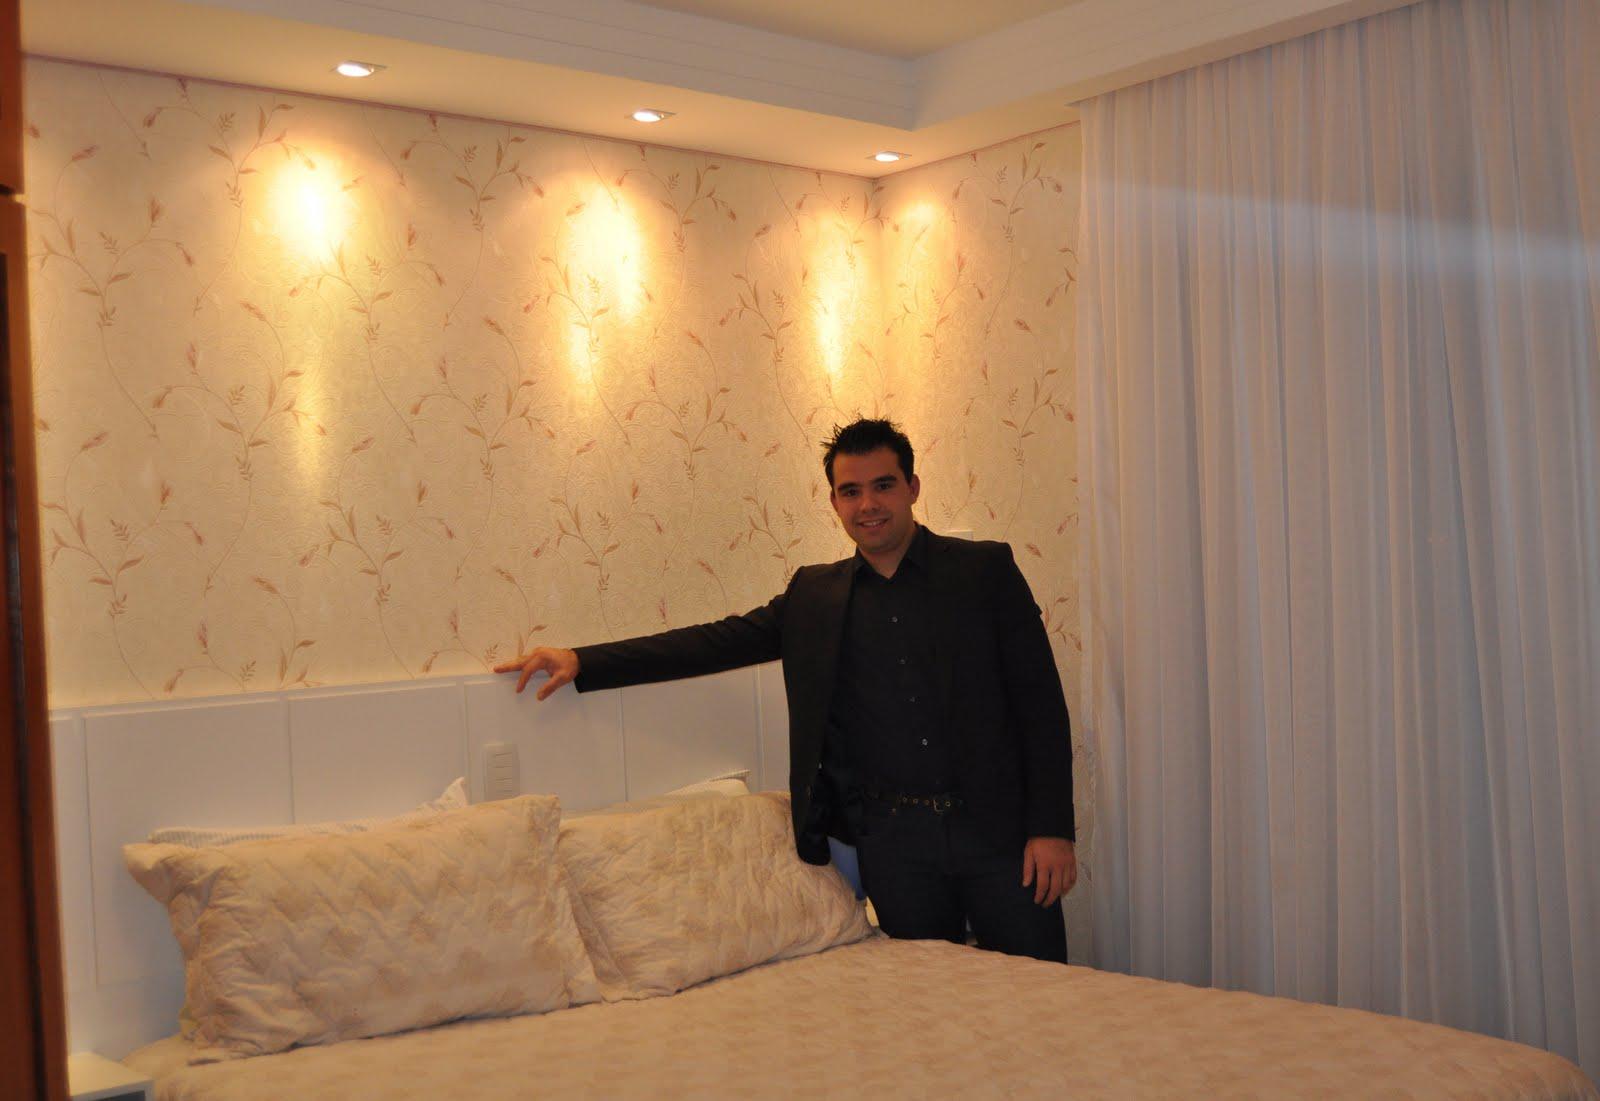 Imagens de #C4AA07 Apartamento de 3 dormitórios em Bauru/SP Designer de Interiores  1600x1101 px 3090 Box Banheiro Bauru